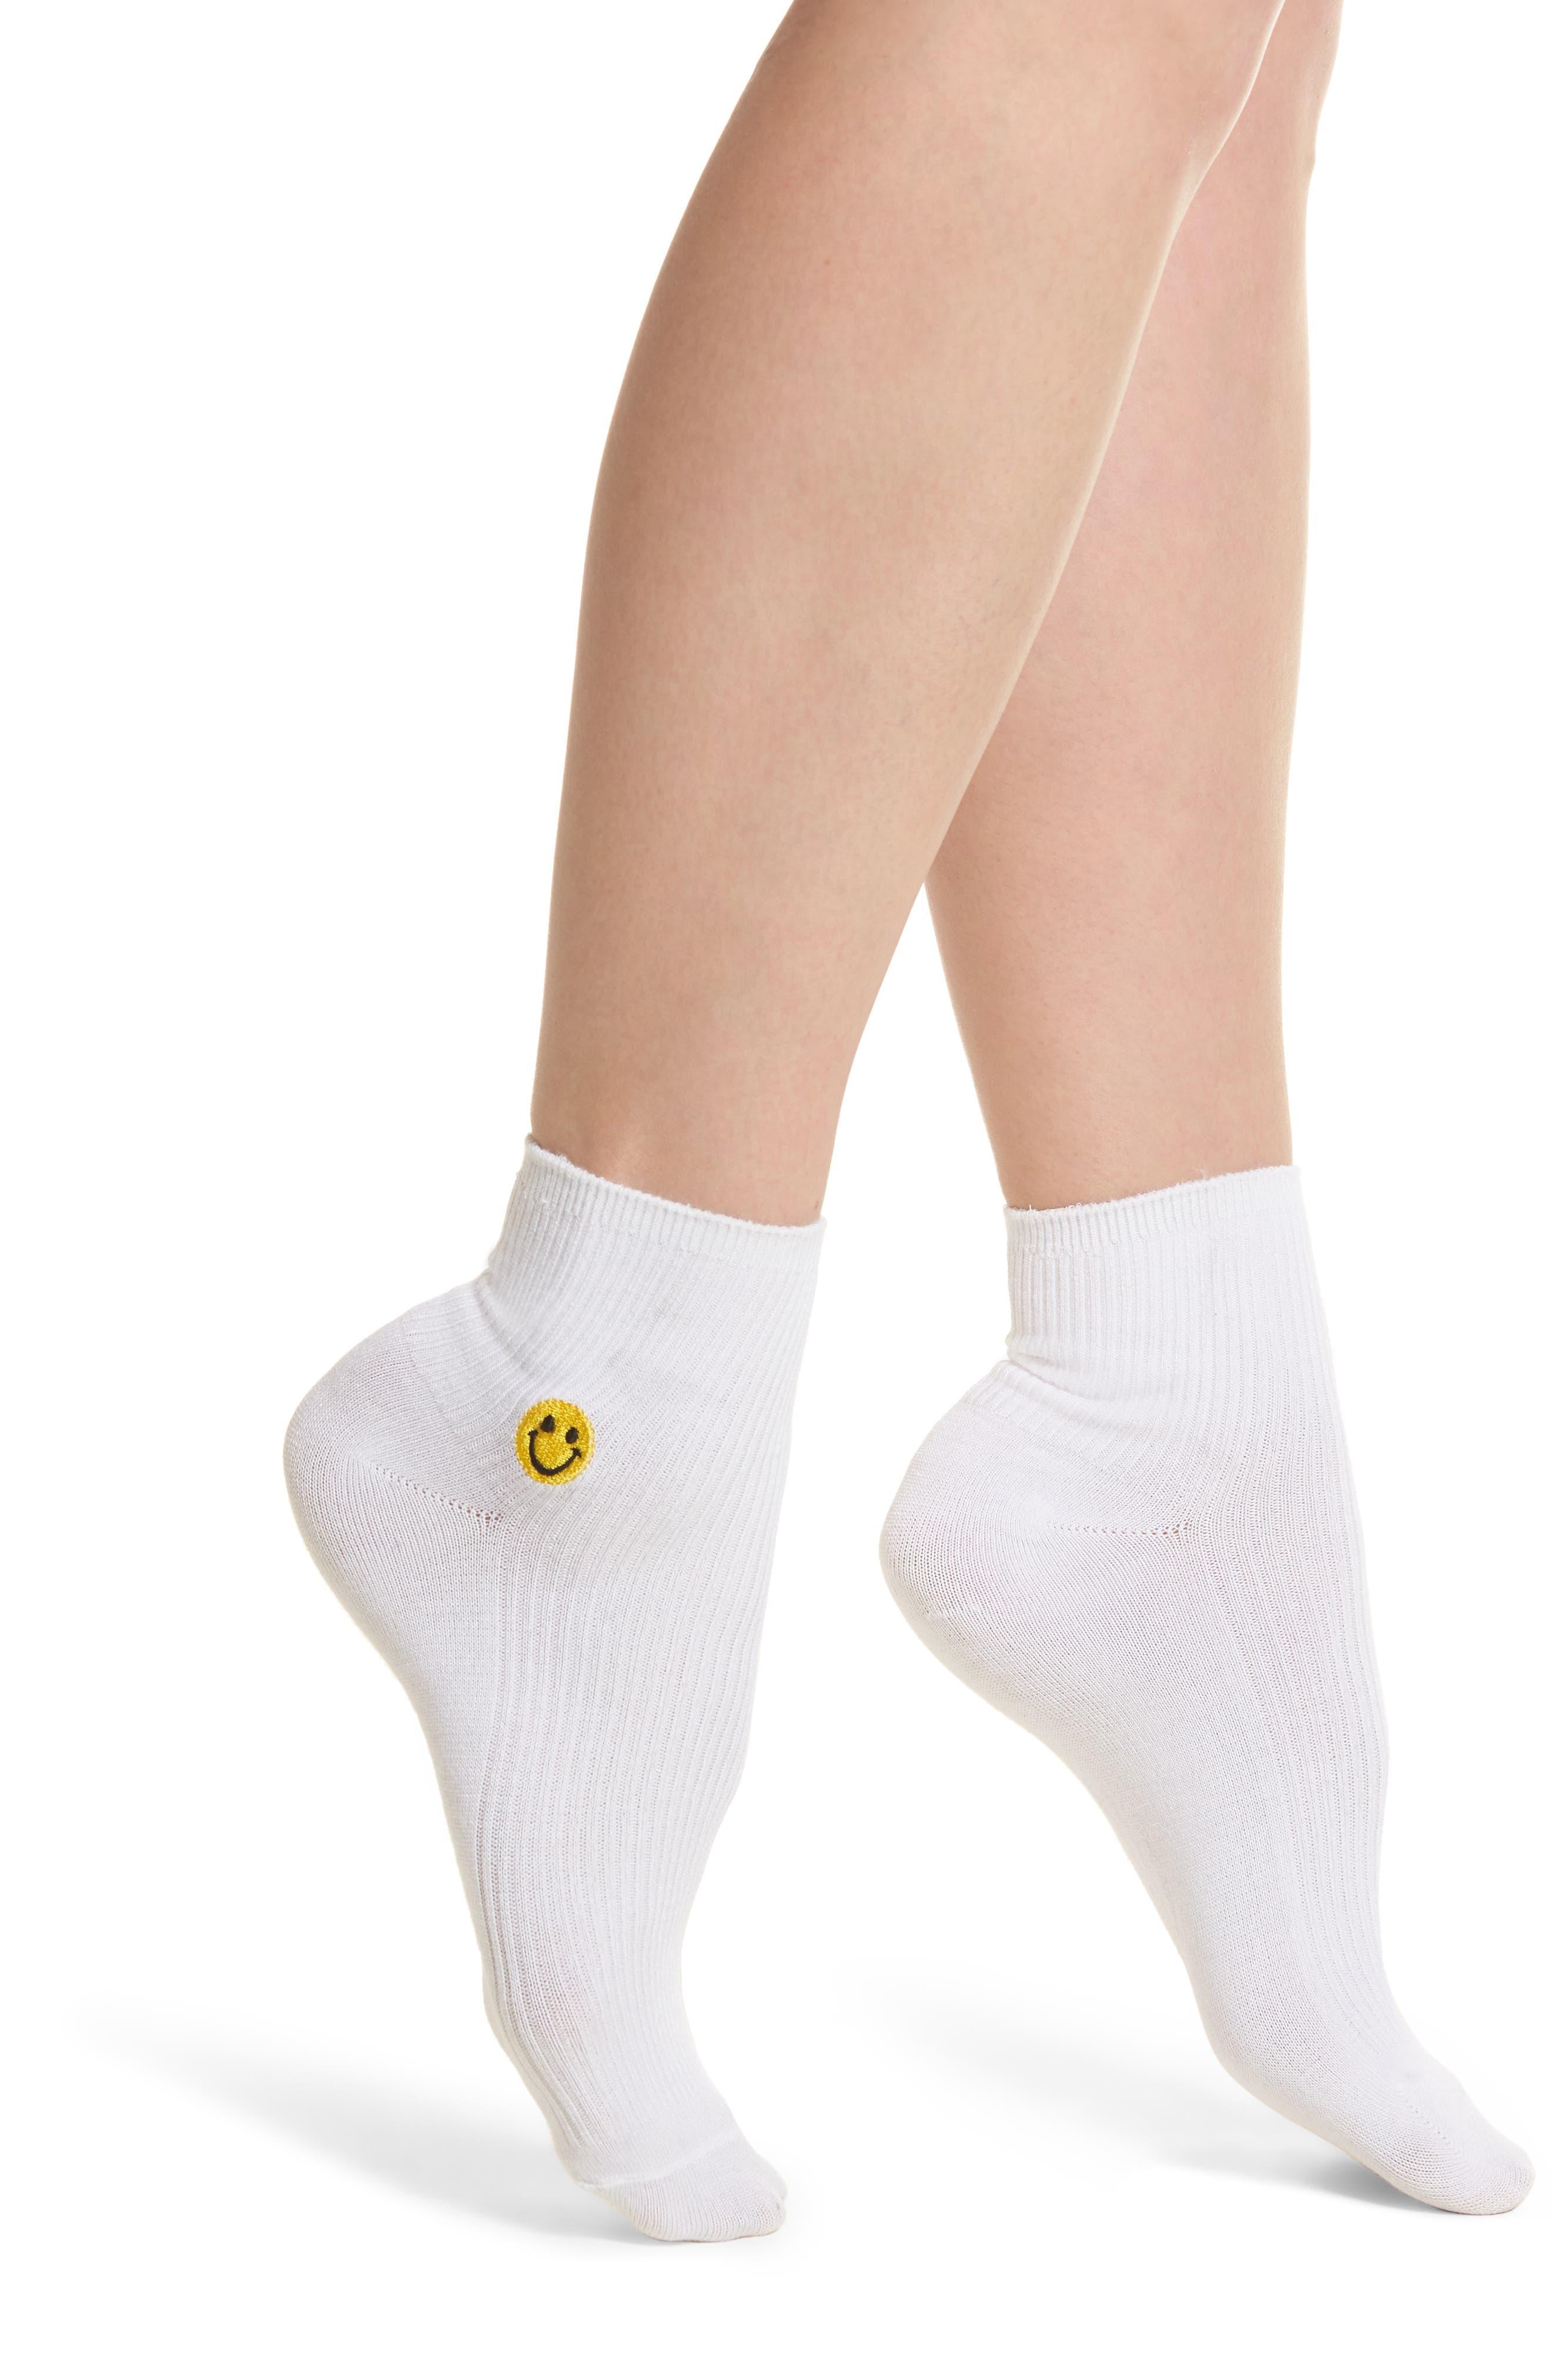 Richer Poorer Smiles Ankle Socks